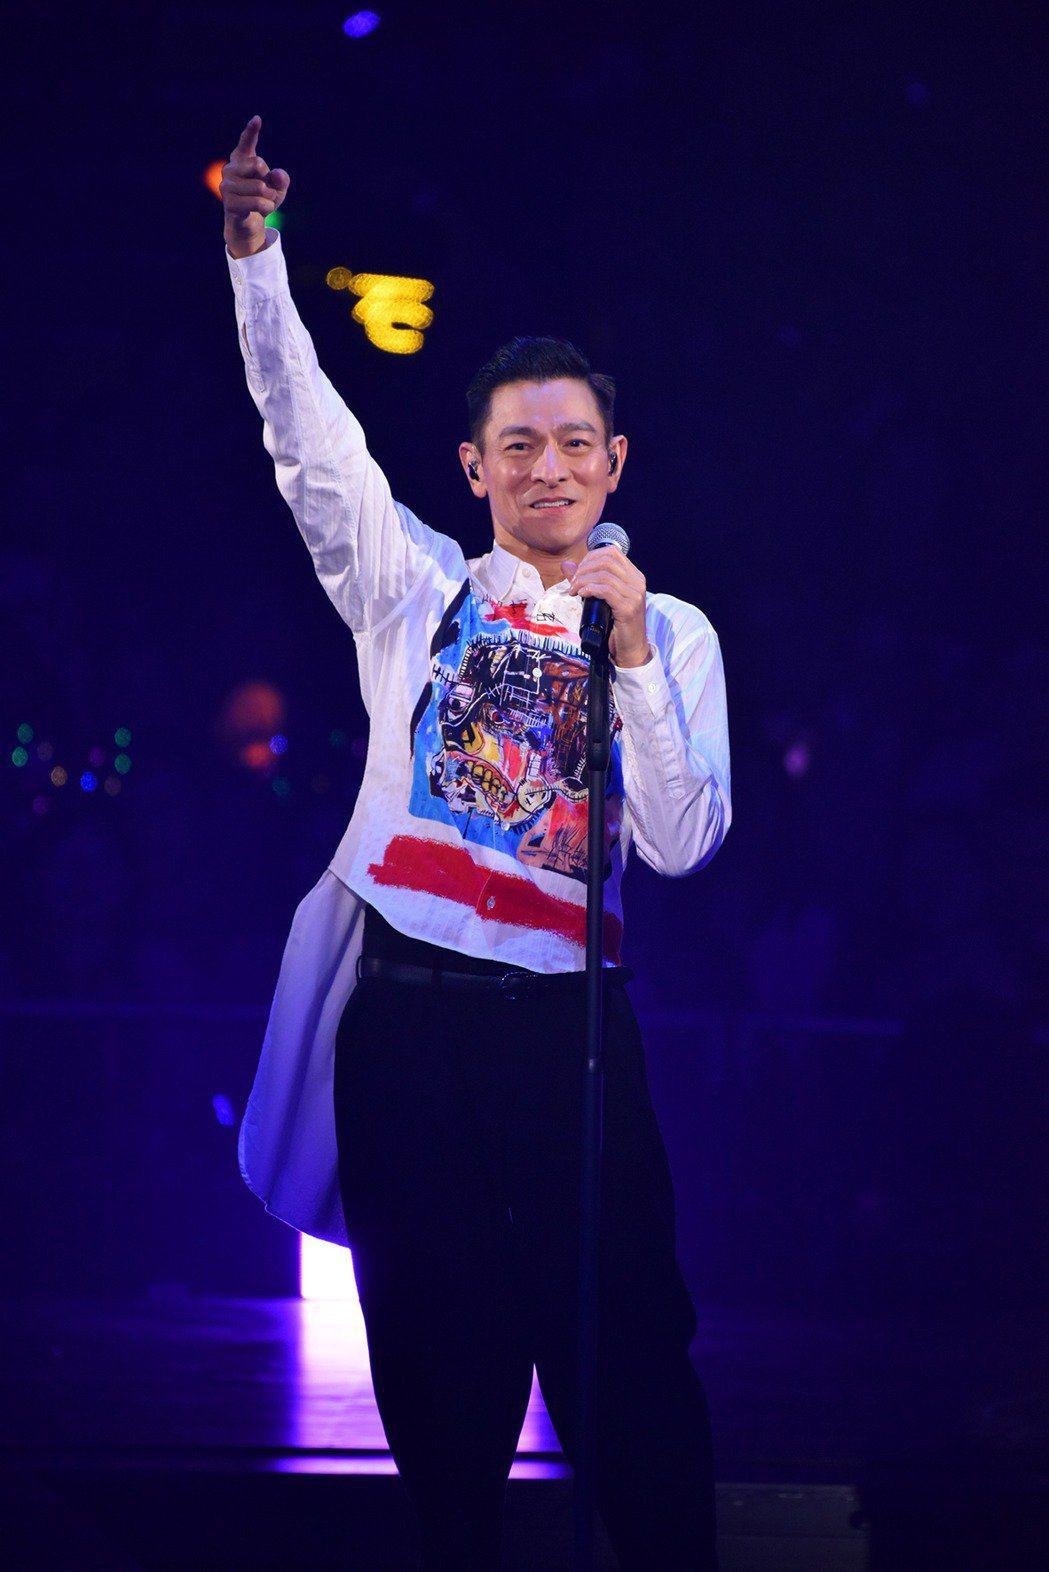 劉德華的演唱會是場搶票大戰。圖/台灣映藝提供